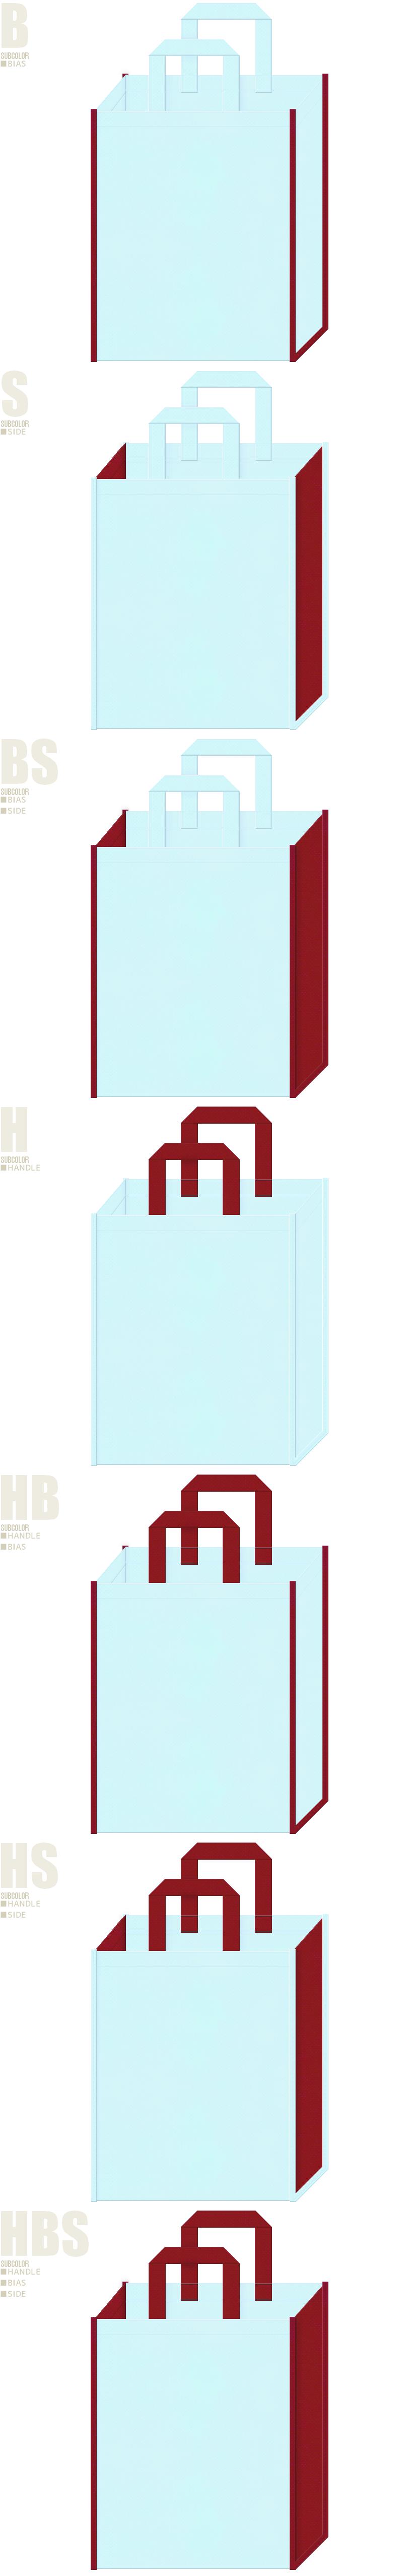 水色とエンジ色-7パターンの不織布トートバッグ配色デザイン例